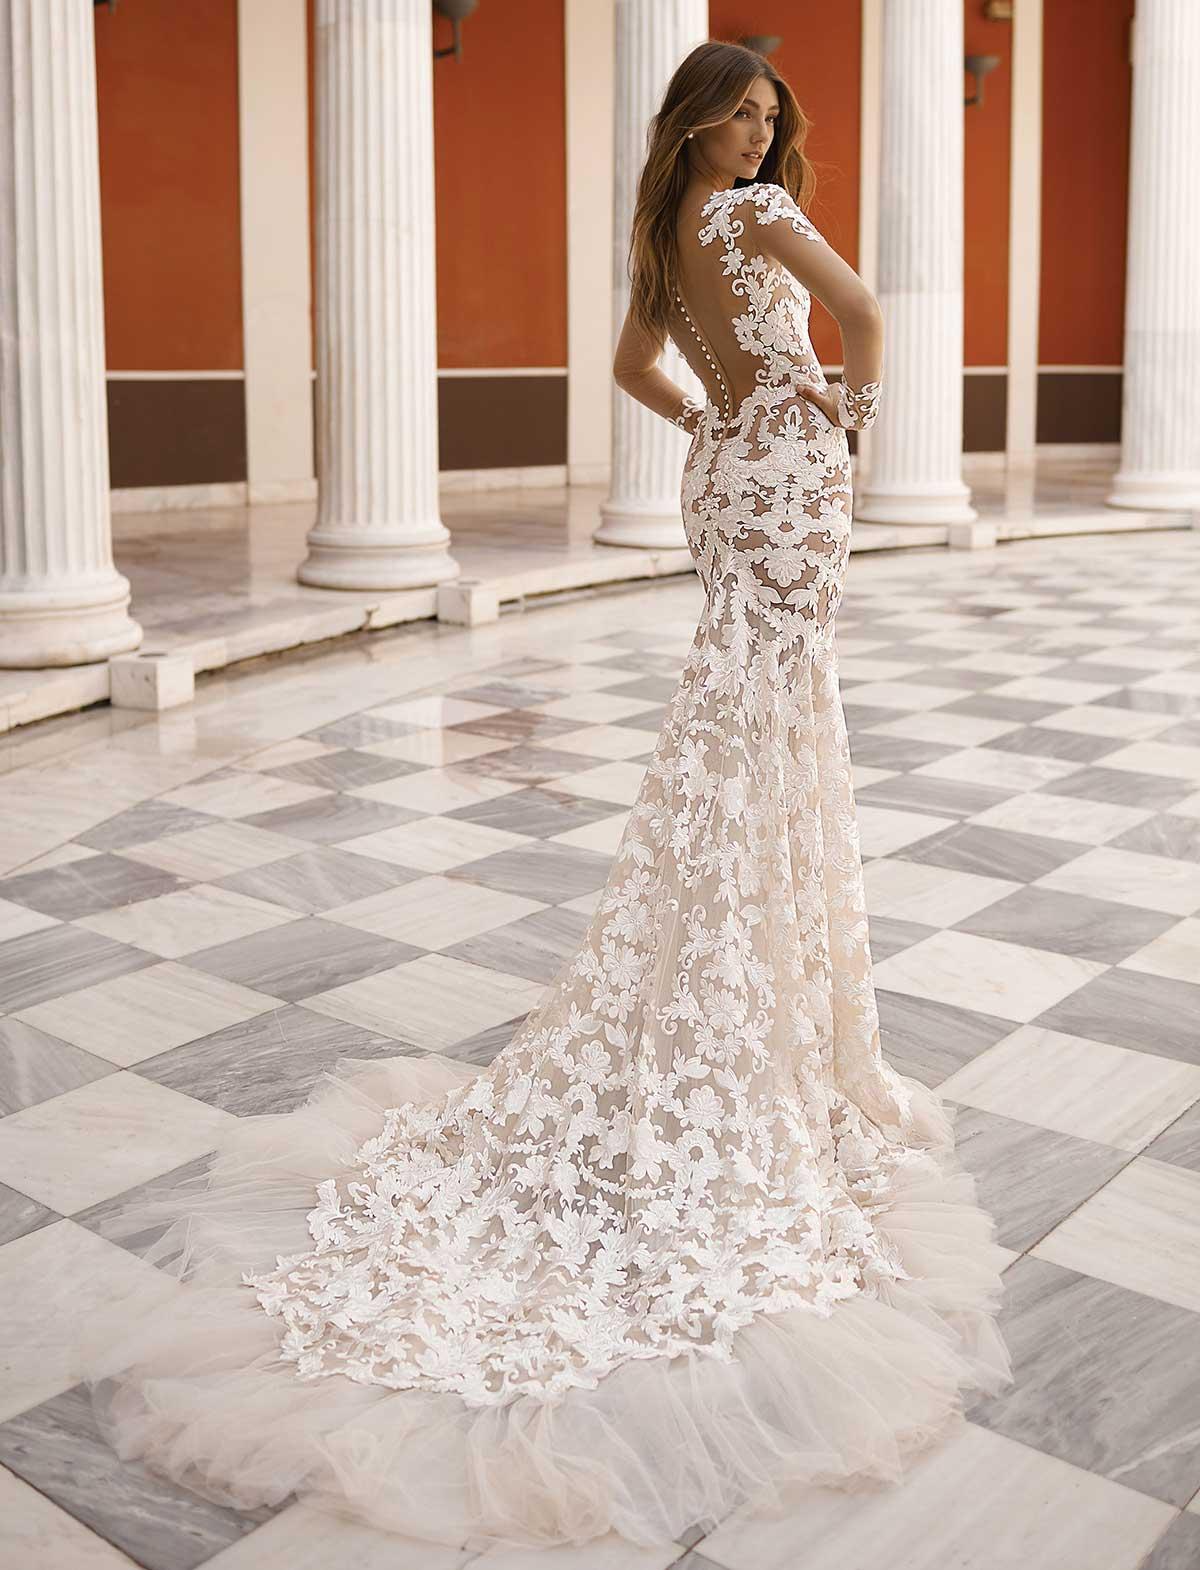 Berta Bridal 19-116 Abito Sposa